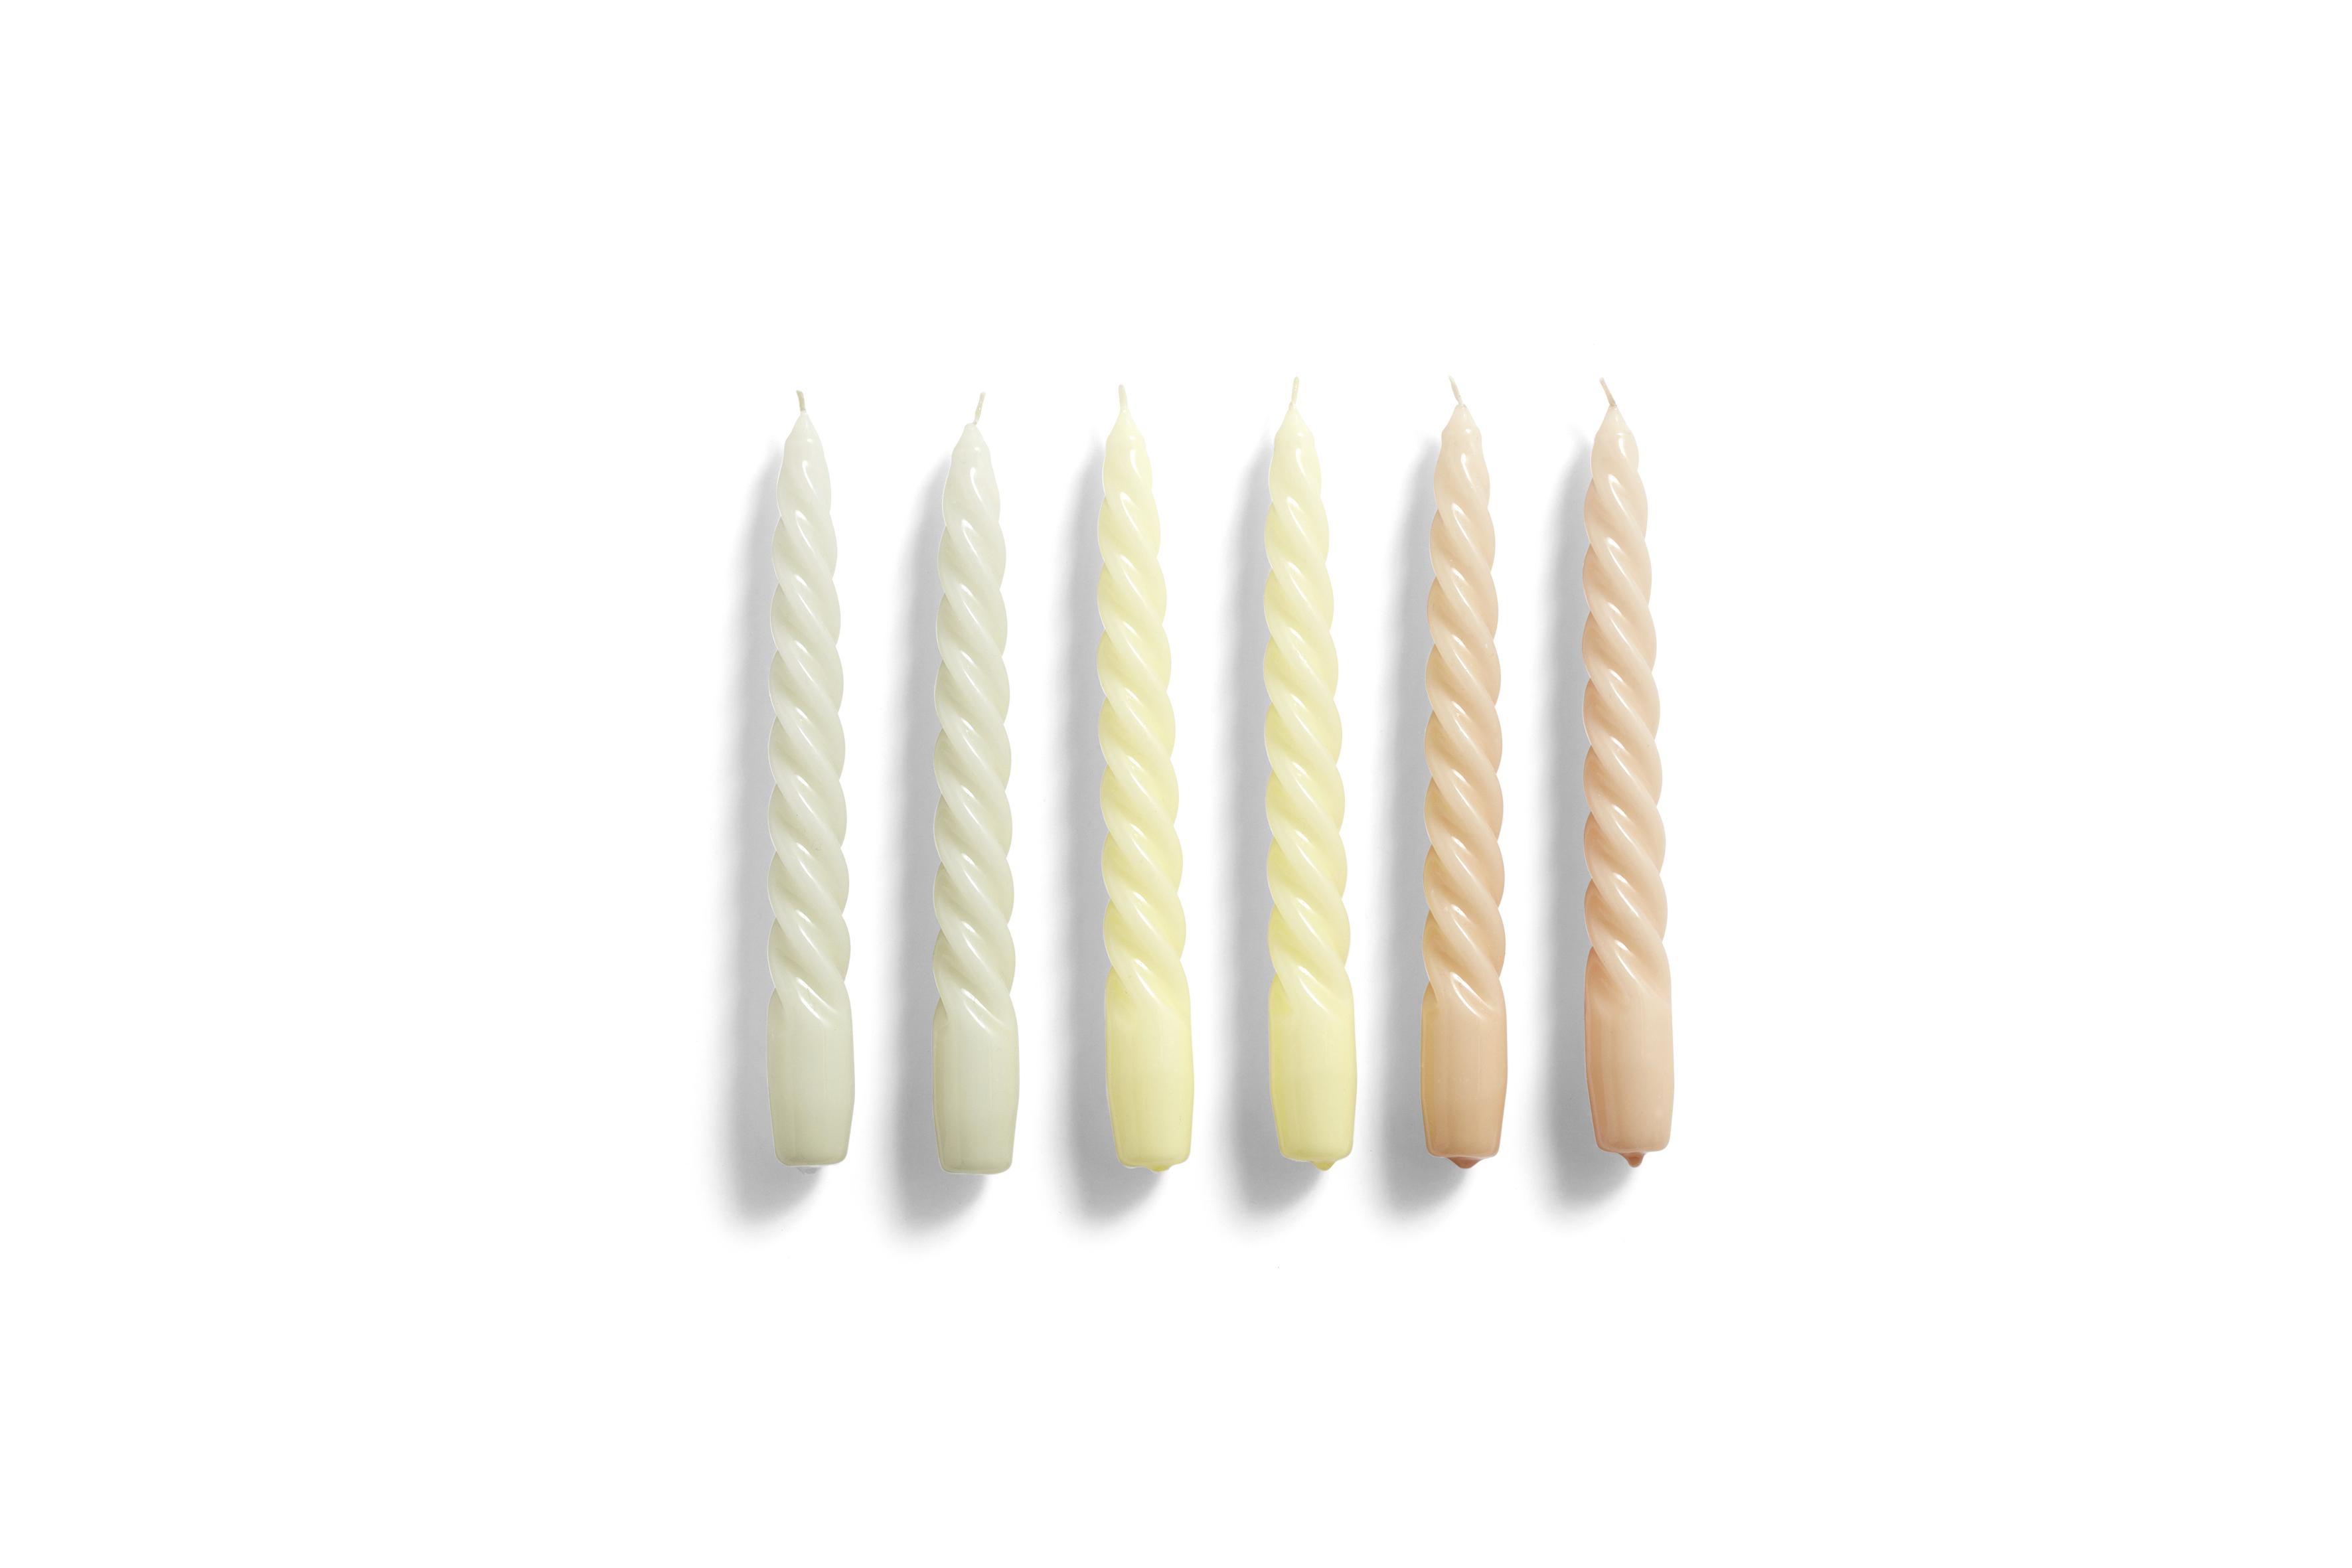 HAY 6 Kerzen Twist grey beige, citrus, peach